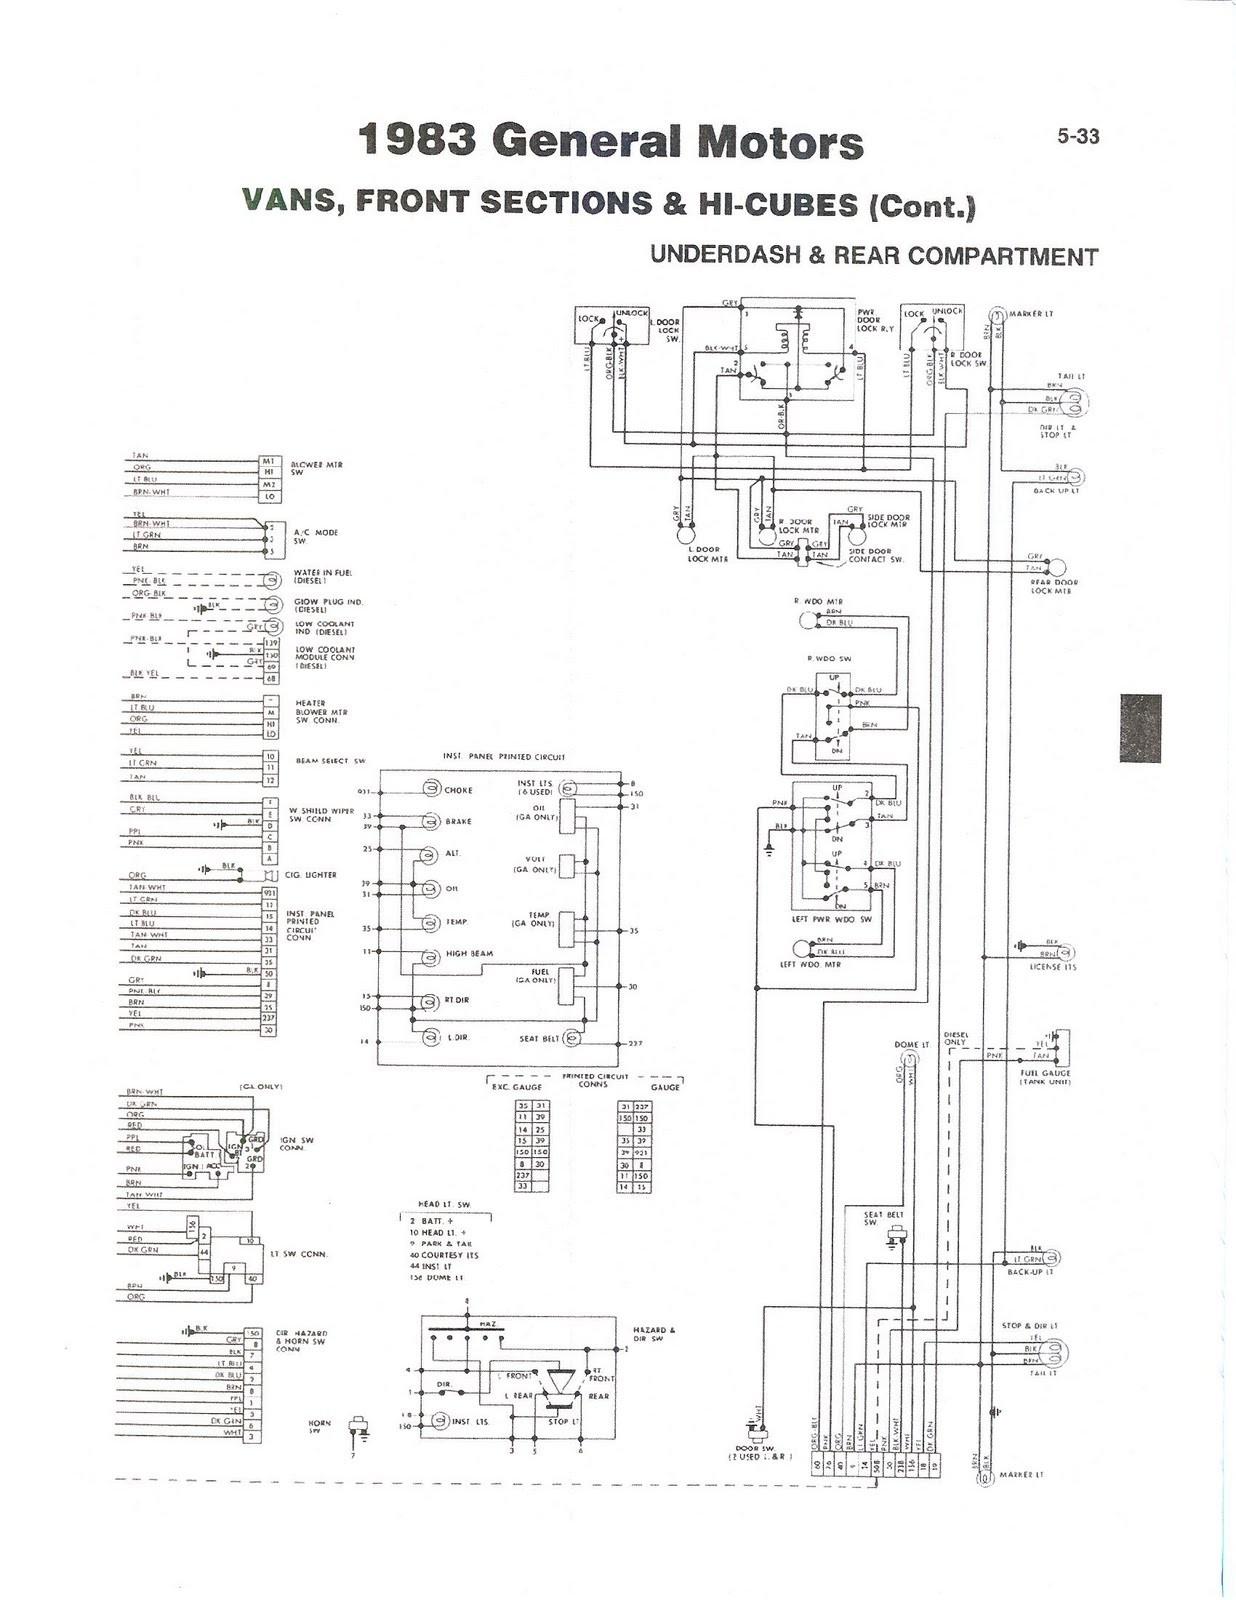 83 GM Van front section & Hi Cubes underdash & rear partment